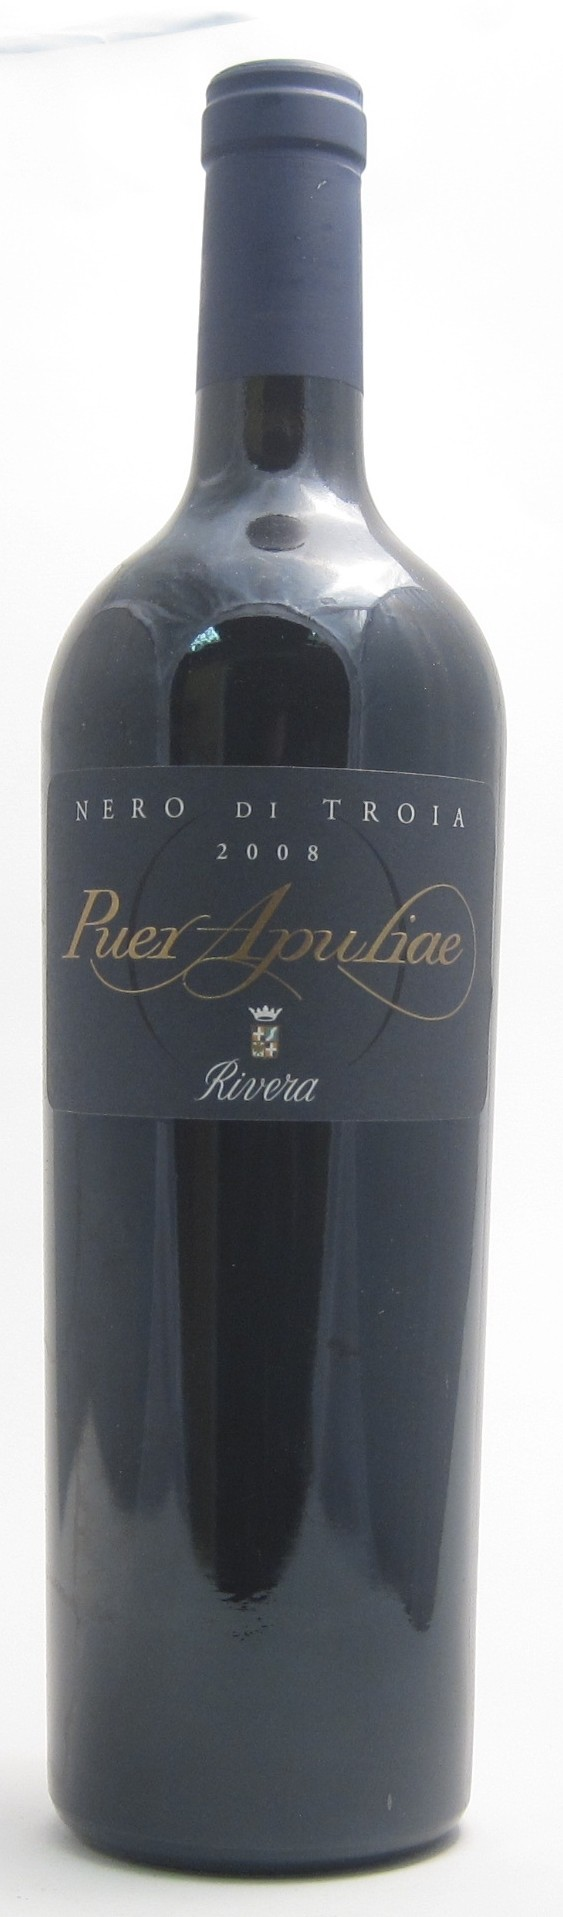 Rivera 'Puer Apuliae' Nero di Troia